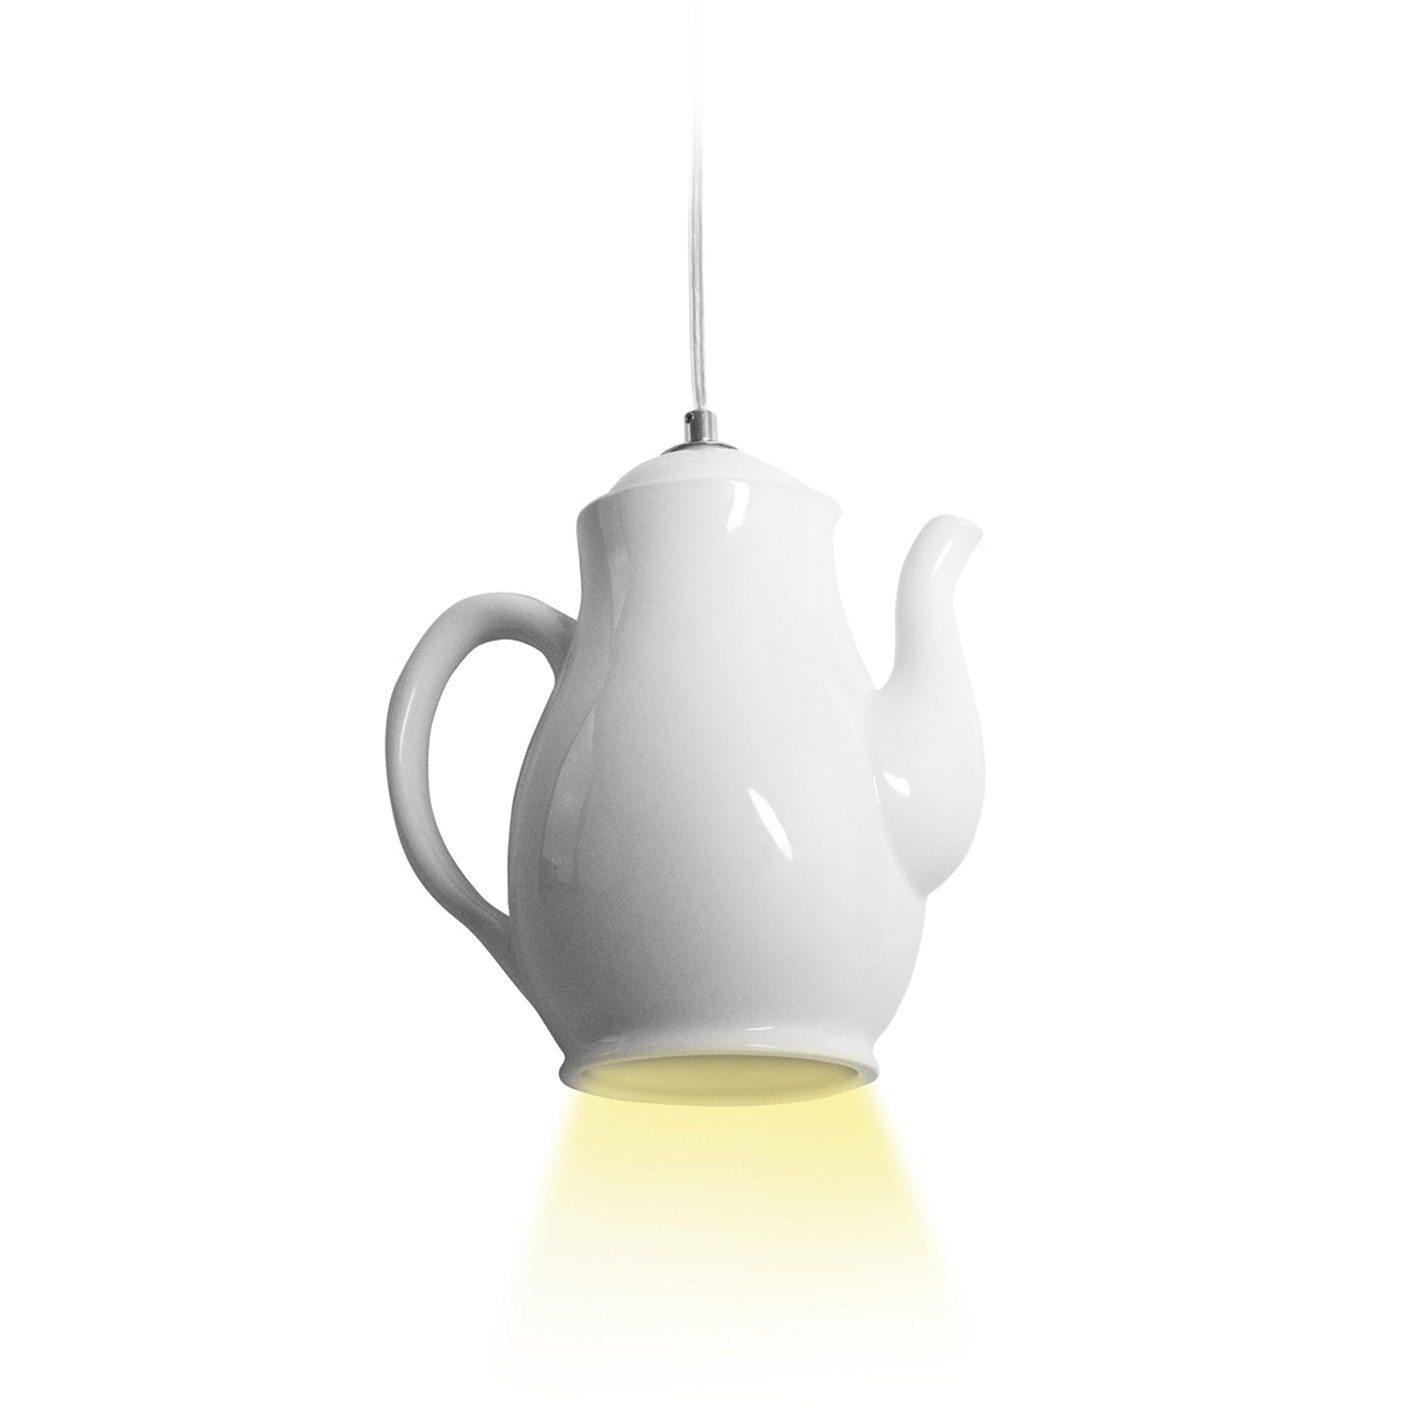 Tekande-lampe